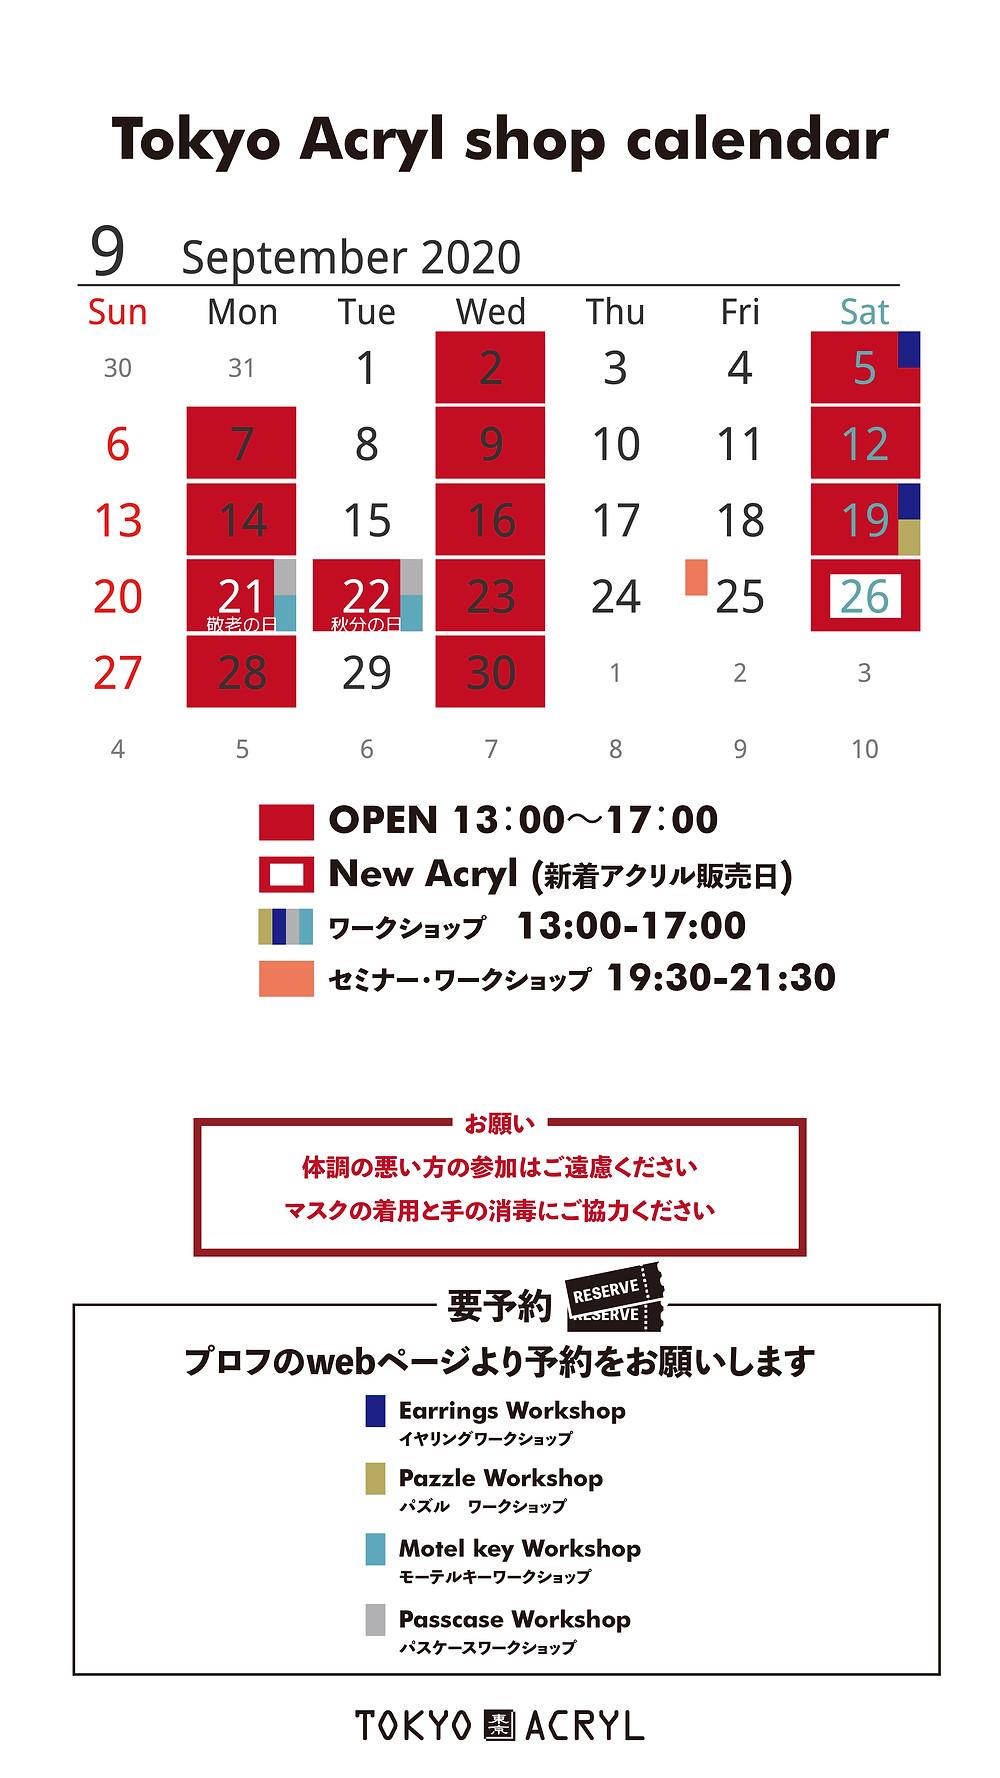 イヤリングワークショップ9月5日と19日。パズルピースワークショップは19日。モーテルキーとパスケースのワークショップは21日と22日に開催。こっそりセミナーは25日、新作発売日は26日です。